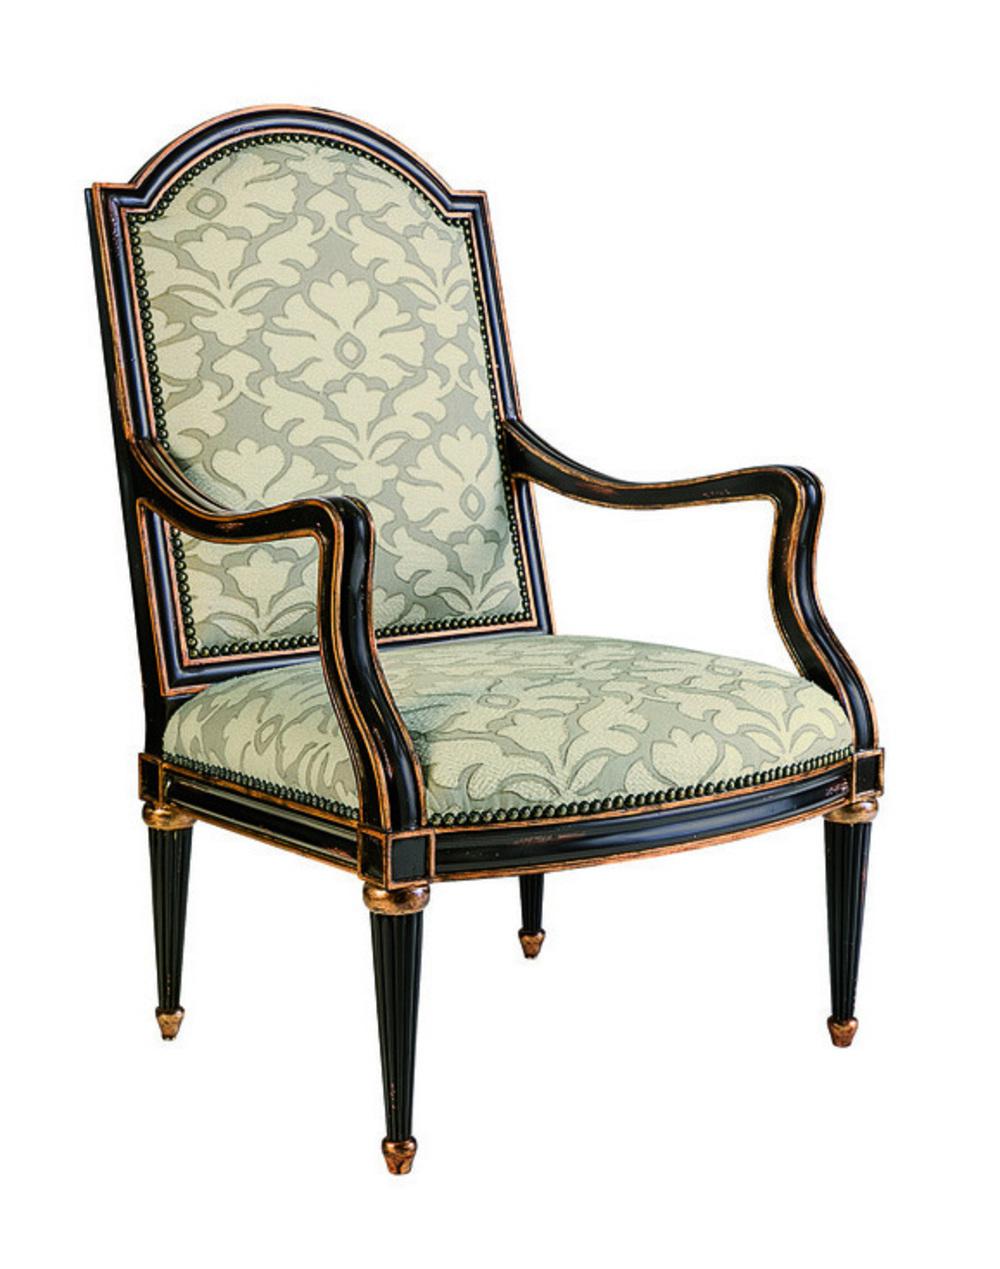 Marge Carson - Savannah Chair